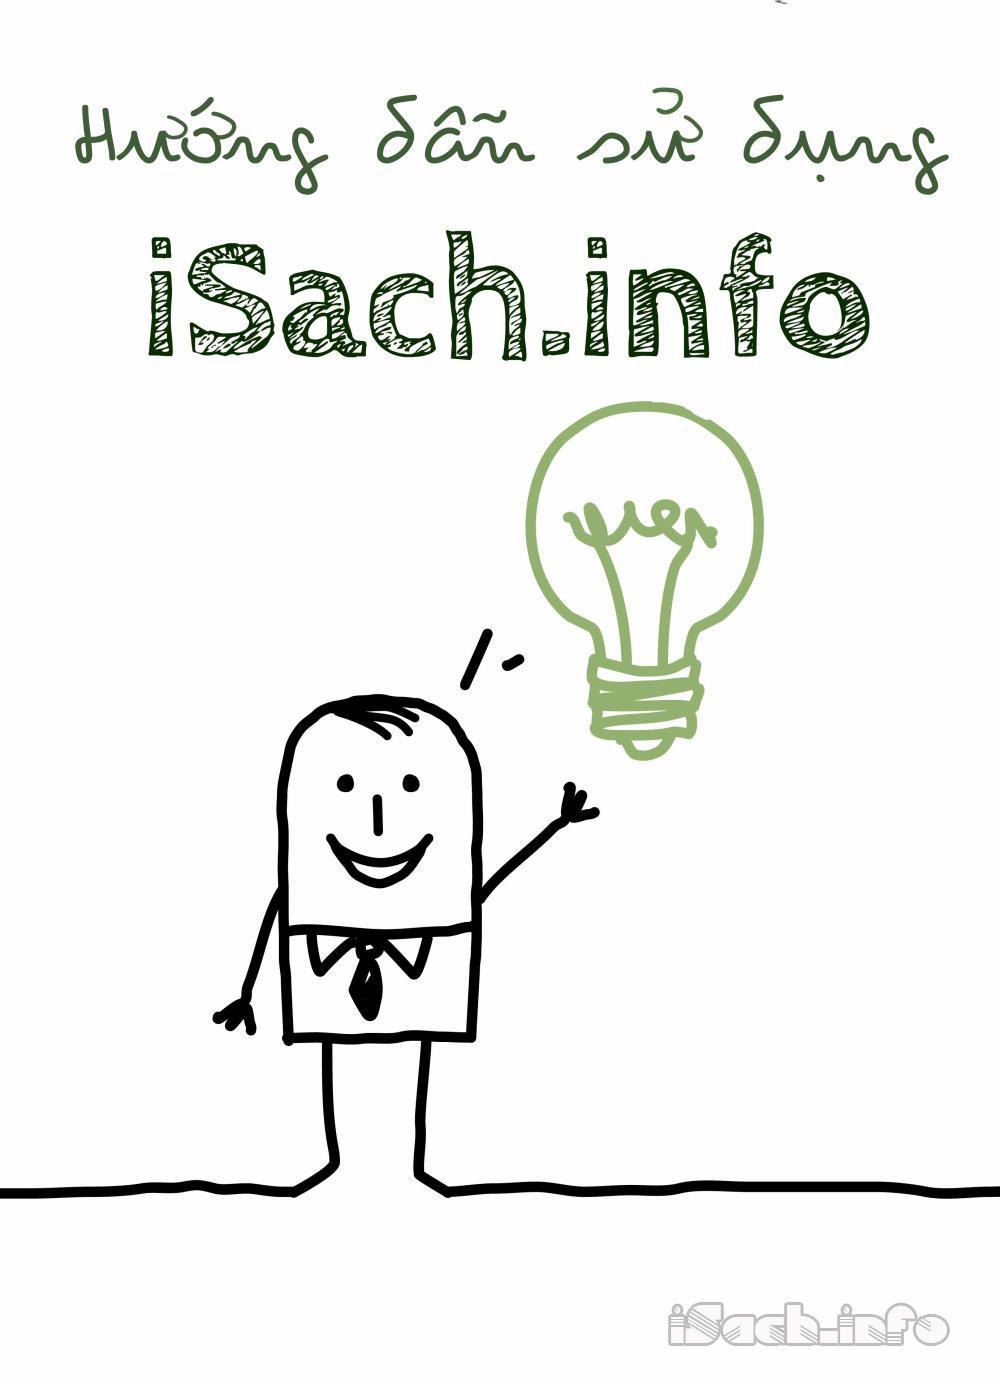 Hướng Dẫn Sử Dụng iSach.info